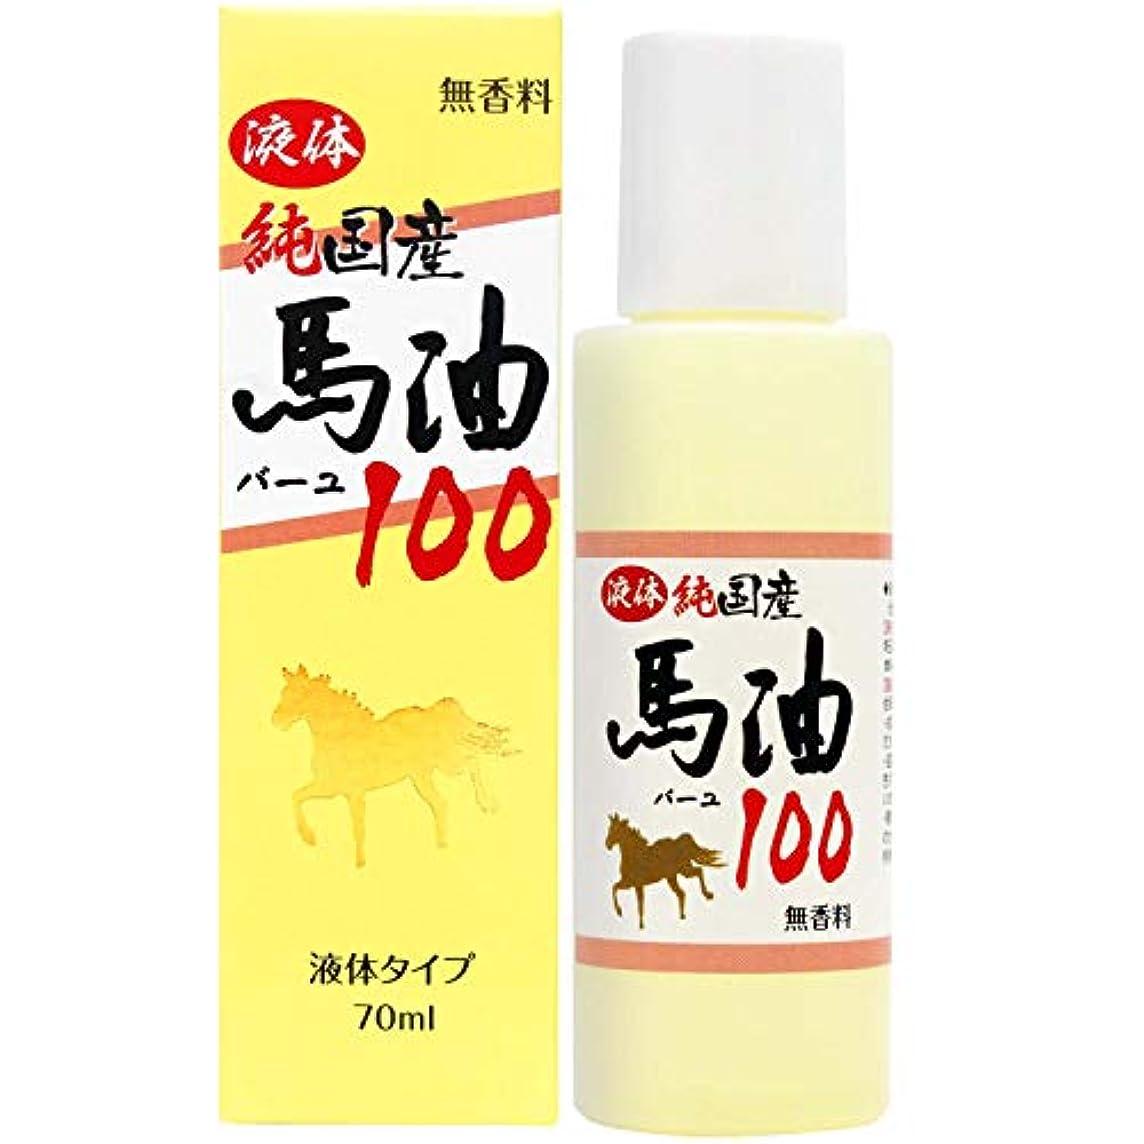 強制許可する不可能なユウキ製薬 液体純国産馬油100 70ml